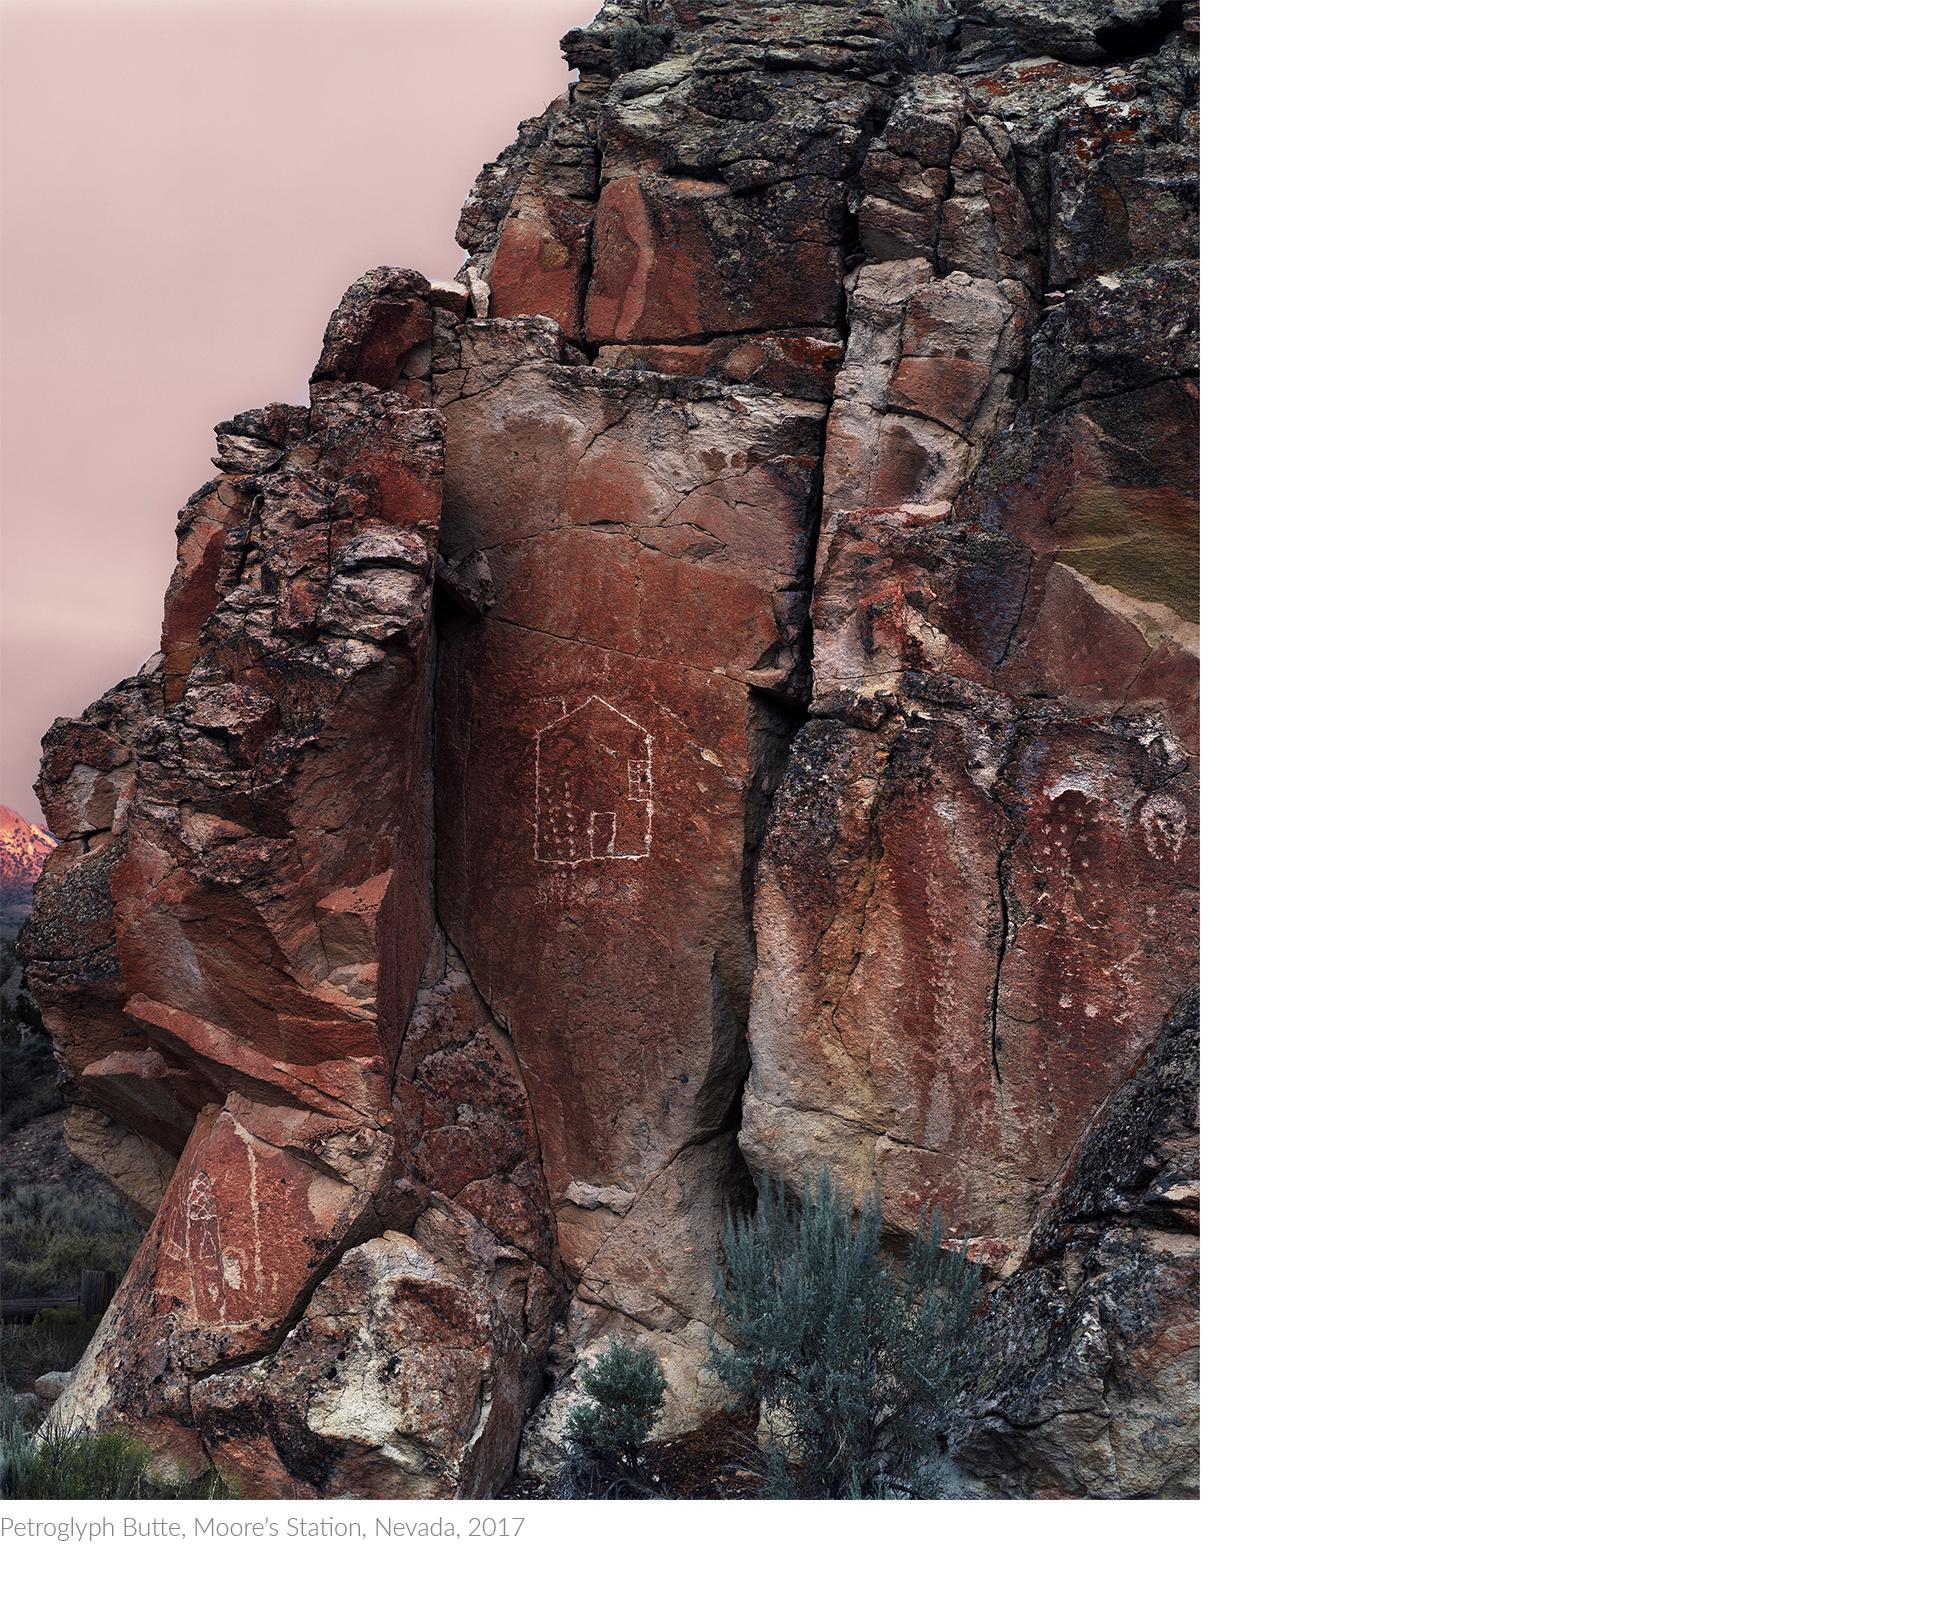 Petroglyph+Butte,+Moore's+Station,+Nevada,+2017+copy+copytitledsamesize.jpg